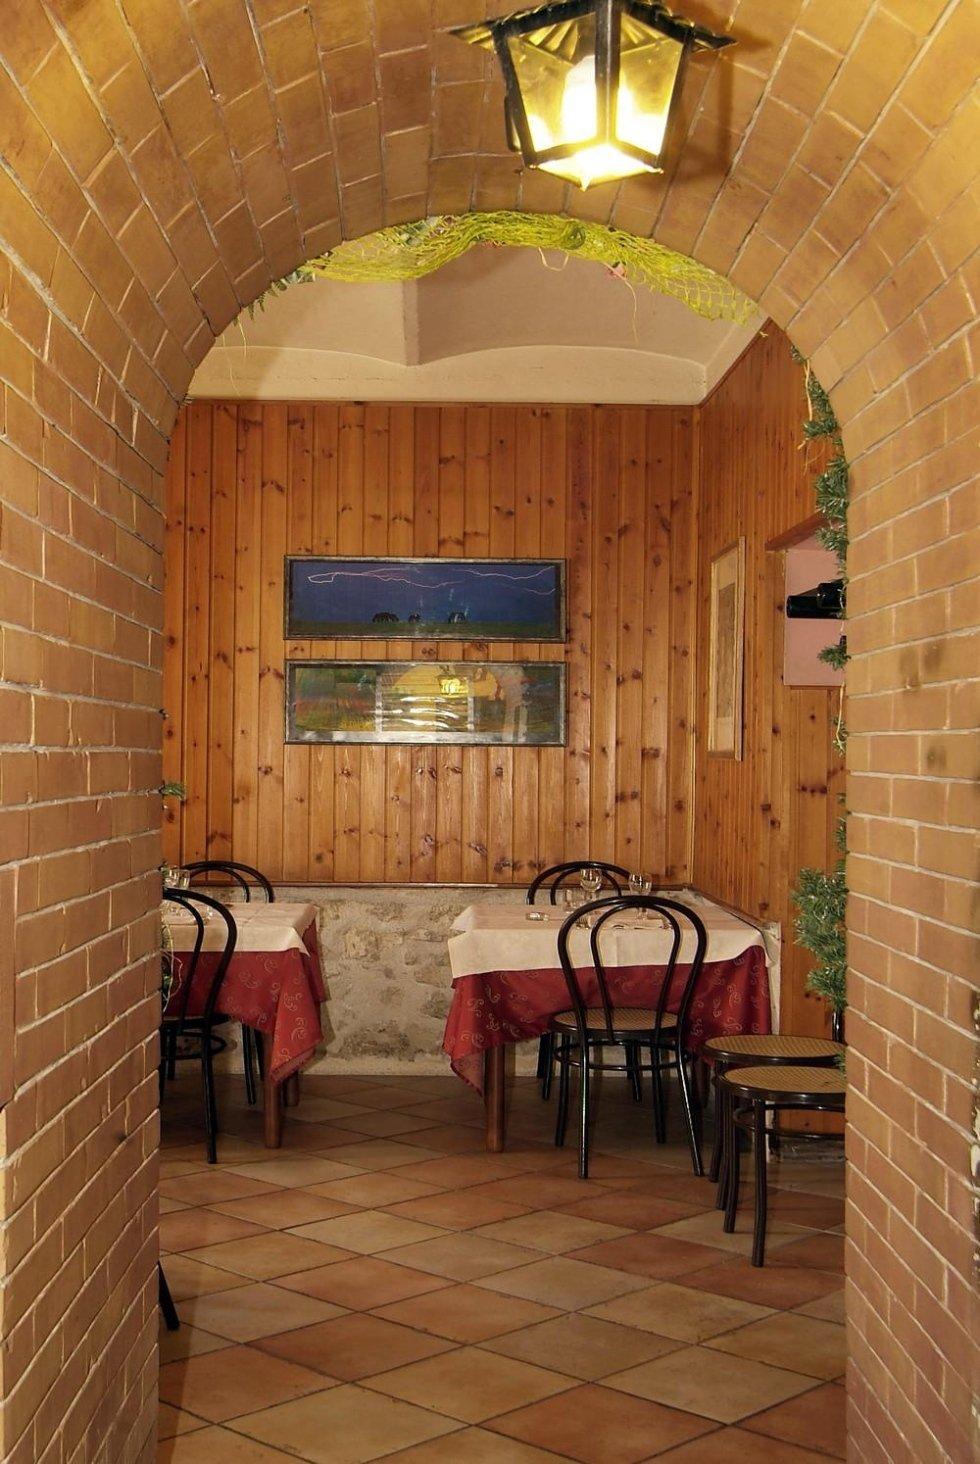 interni ristorante grottino